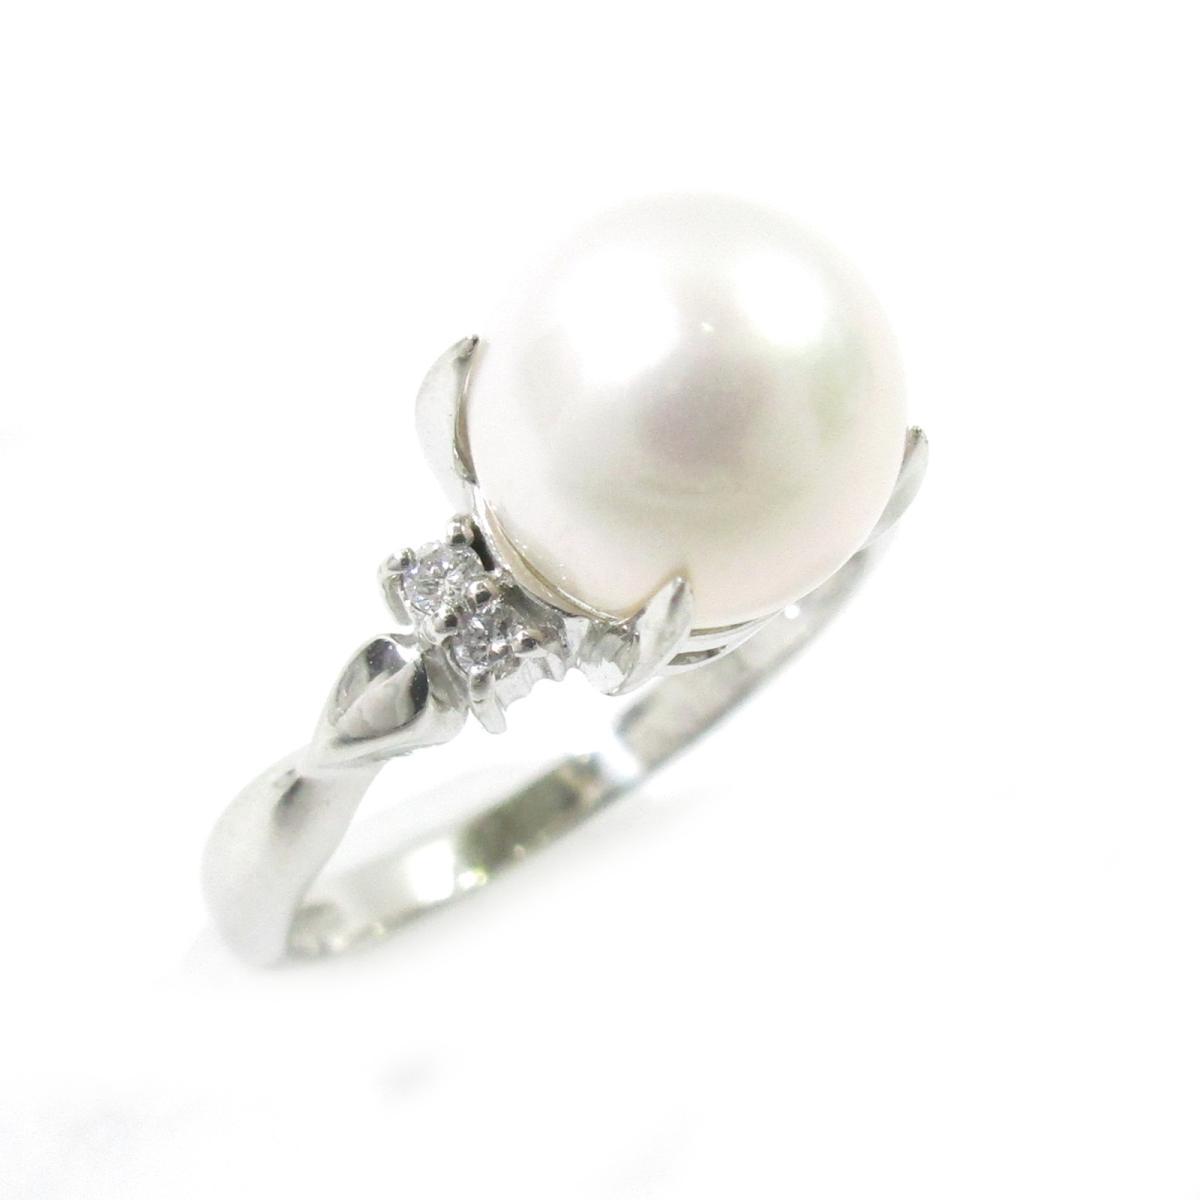 【中古】 ジュエリー パールリング 指輪 レディース PT900 プラチナ X パール ダイヤモンド0.06ct シルバー ホワイト | JEWELRY BRANDOFF ブランドオフ ブランド アクセサリー リング